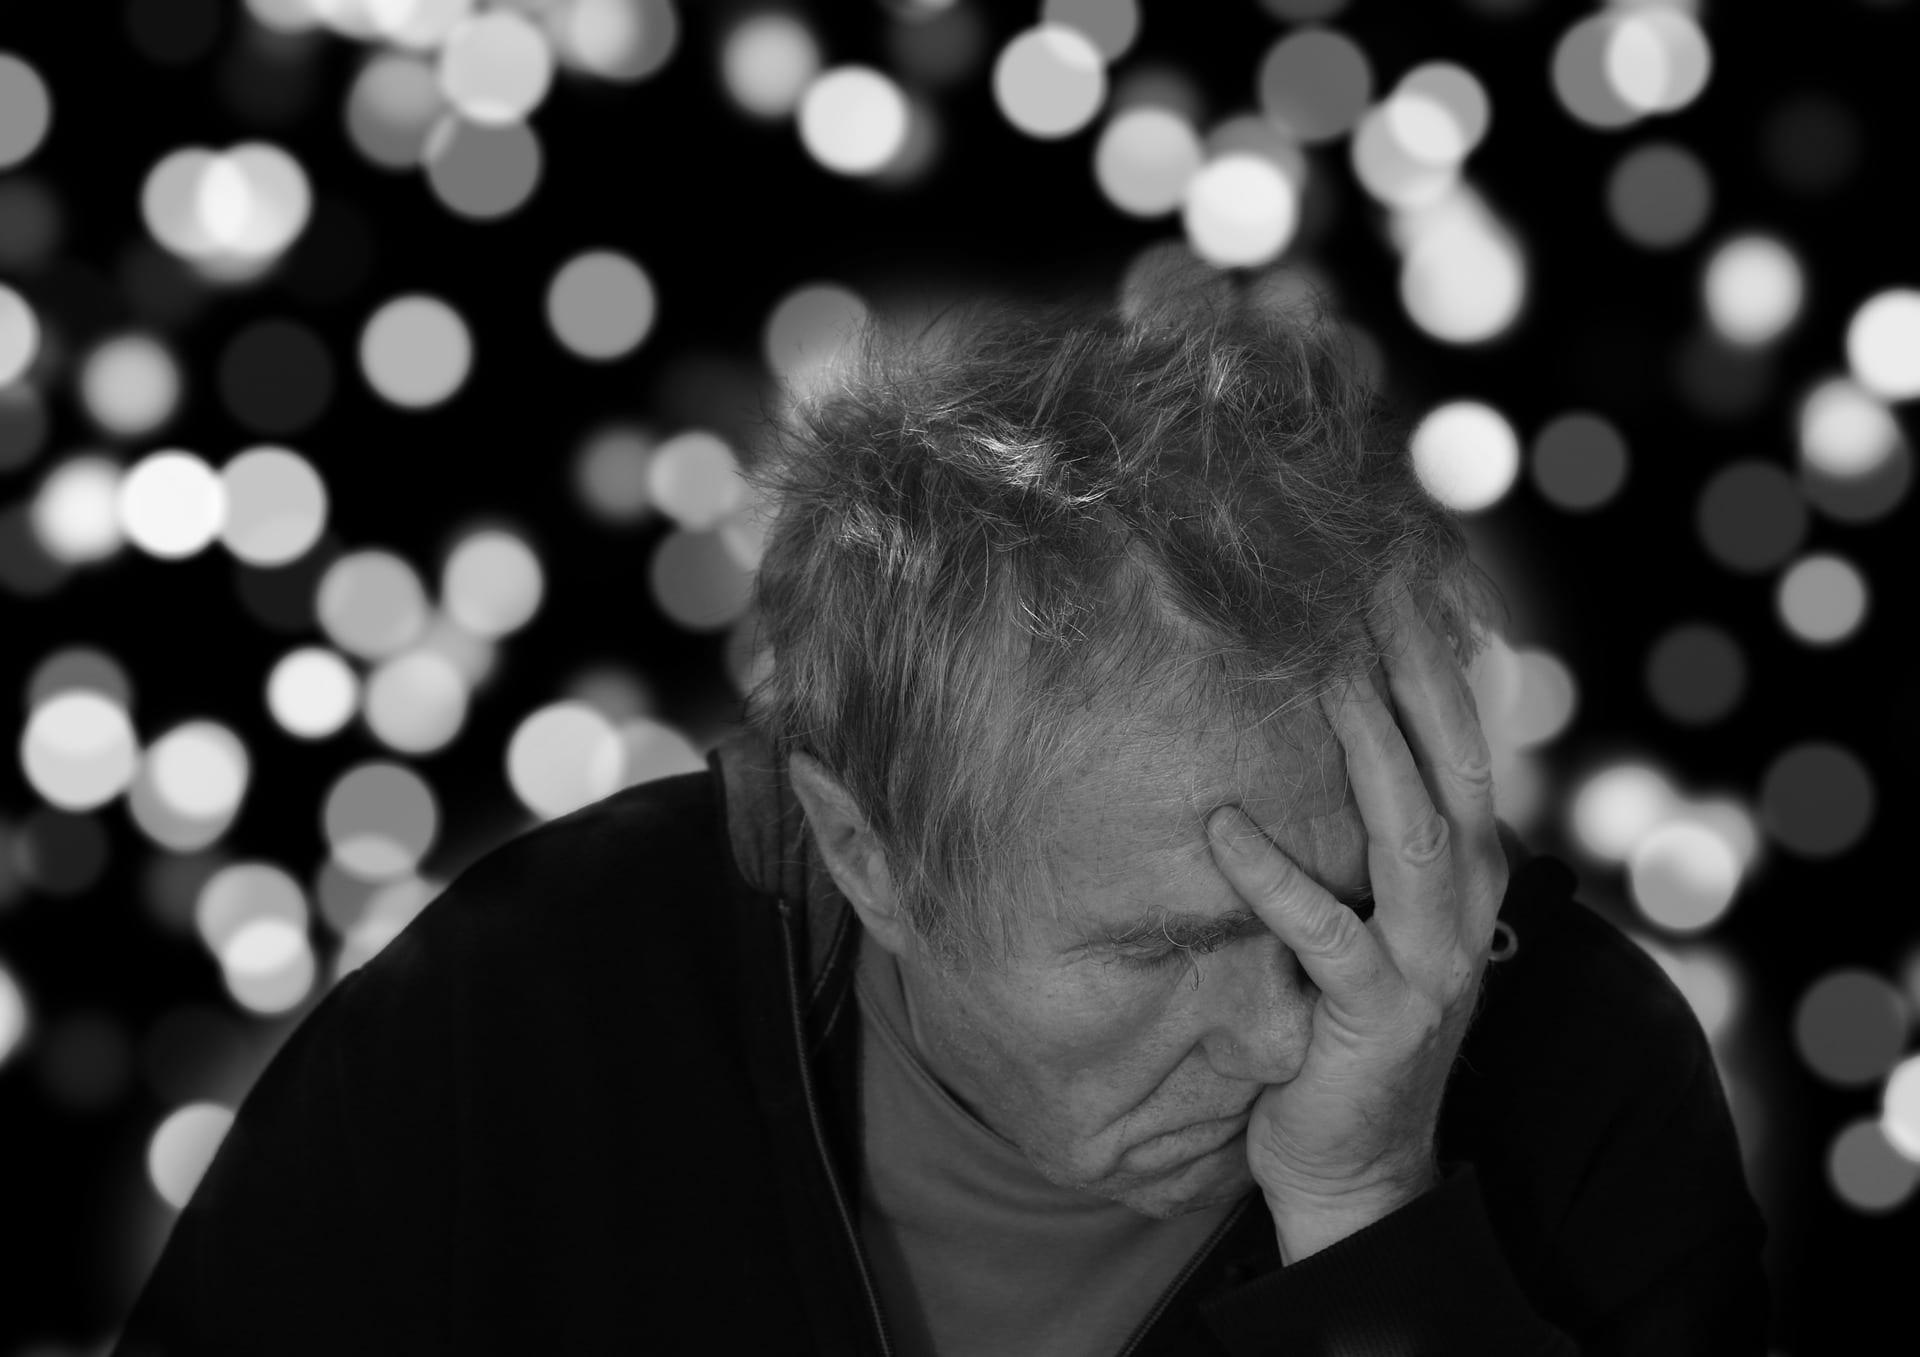 déprimé-senior-désespoir-tristesse